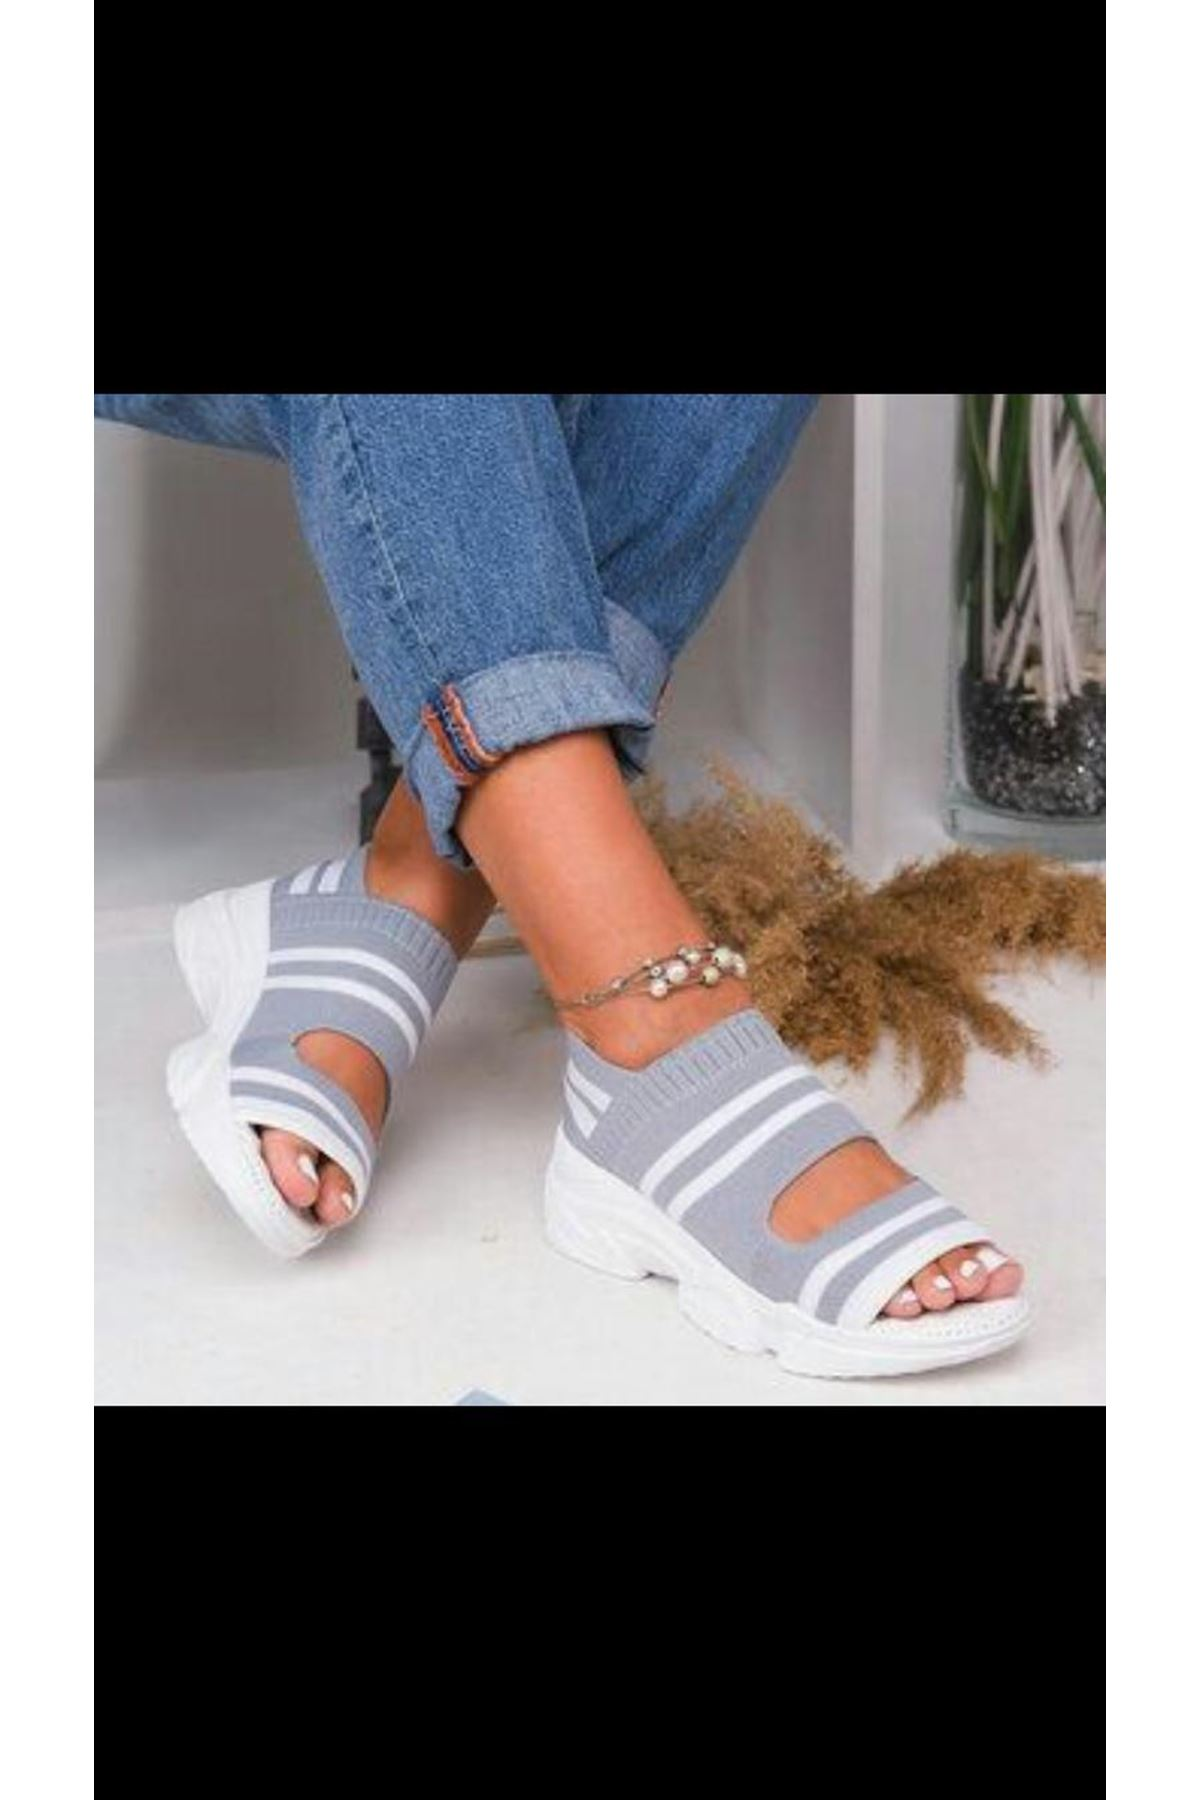 Astor Triko Çizgi Detaylı Kadın Sandalet Gri